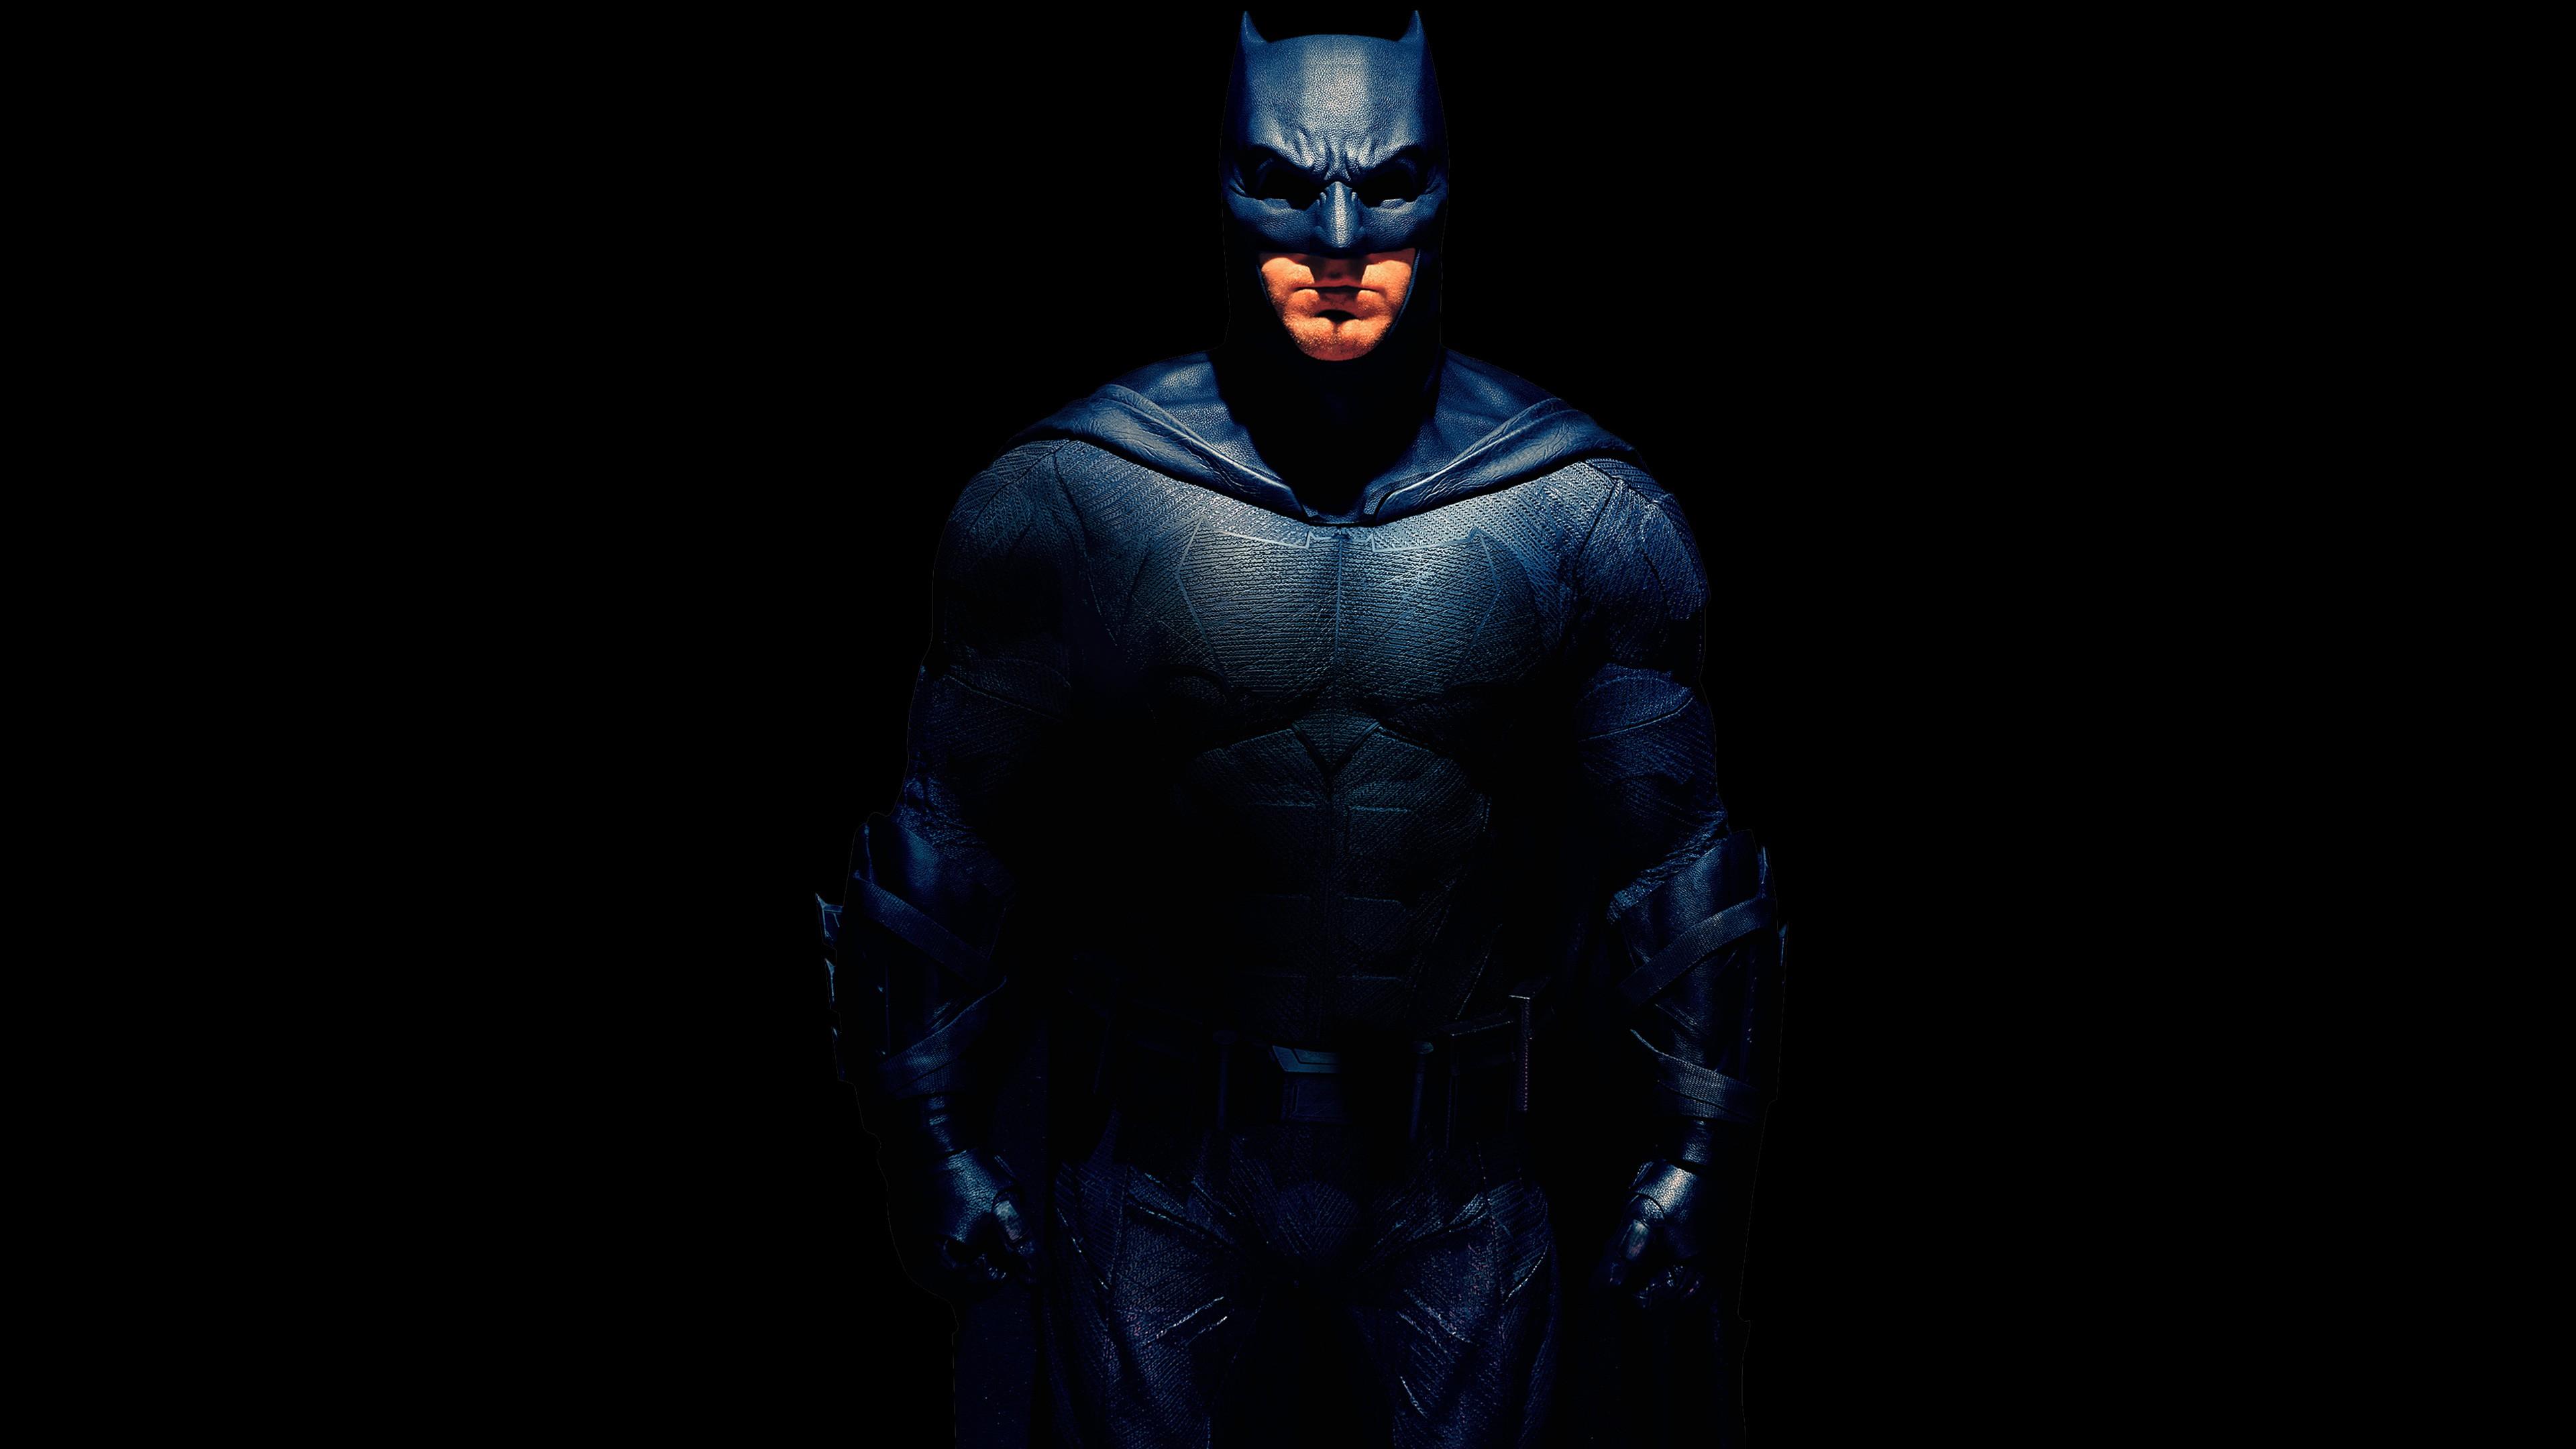 Great Wallpaper Mac Batman - justice-league-3840x2160-batman-ben-affleck-4k-15489  HD_40483.jpg